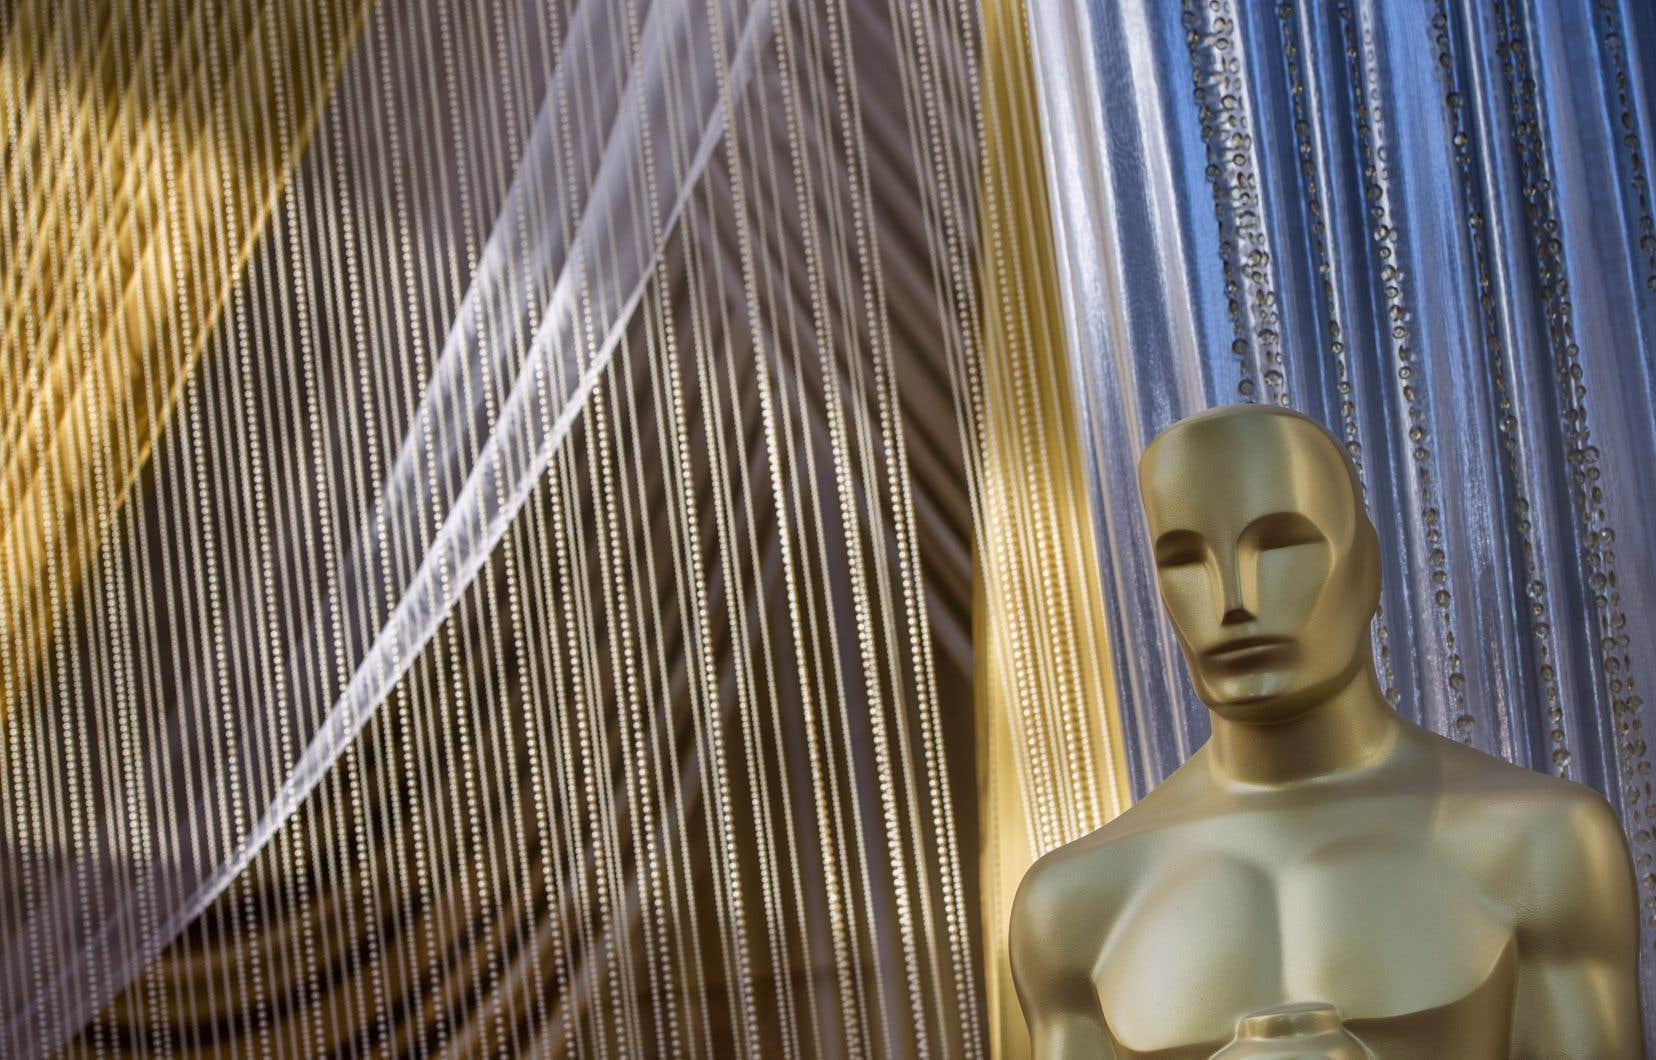 L'Académie a donc également étendu la période de sortie des films éligibles aux Oscars, qui passe du 31décembre 2020 au 28février 2021.